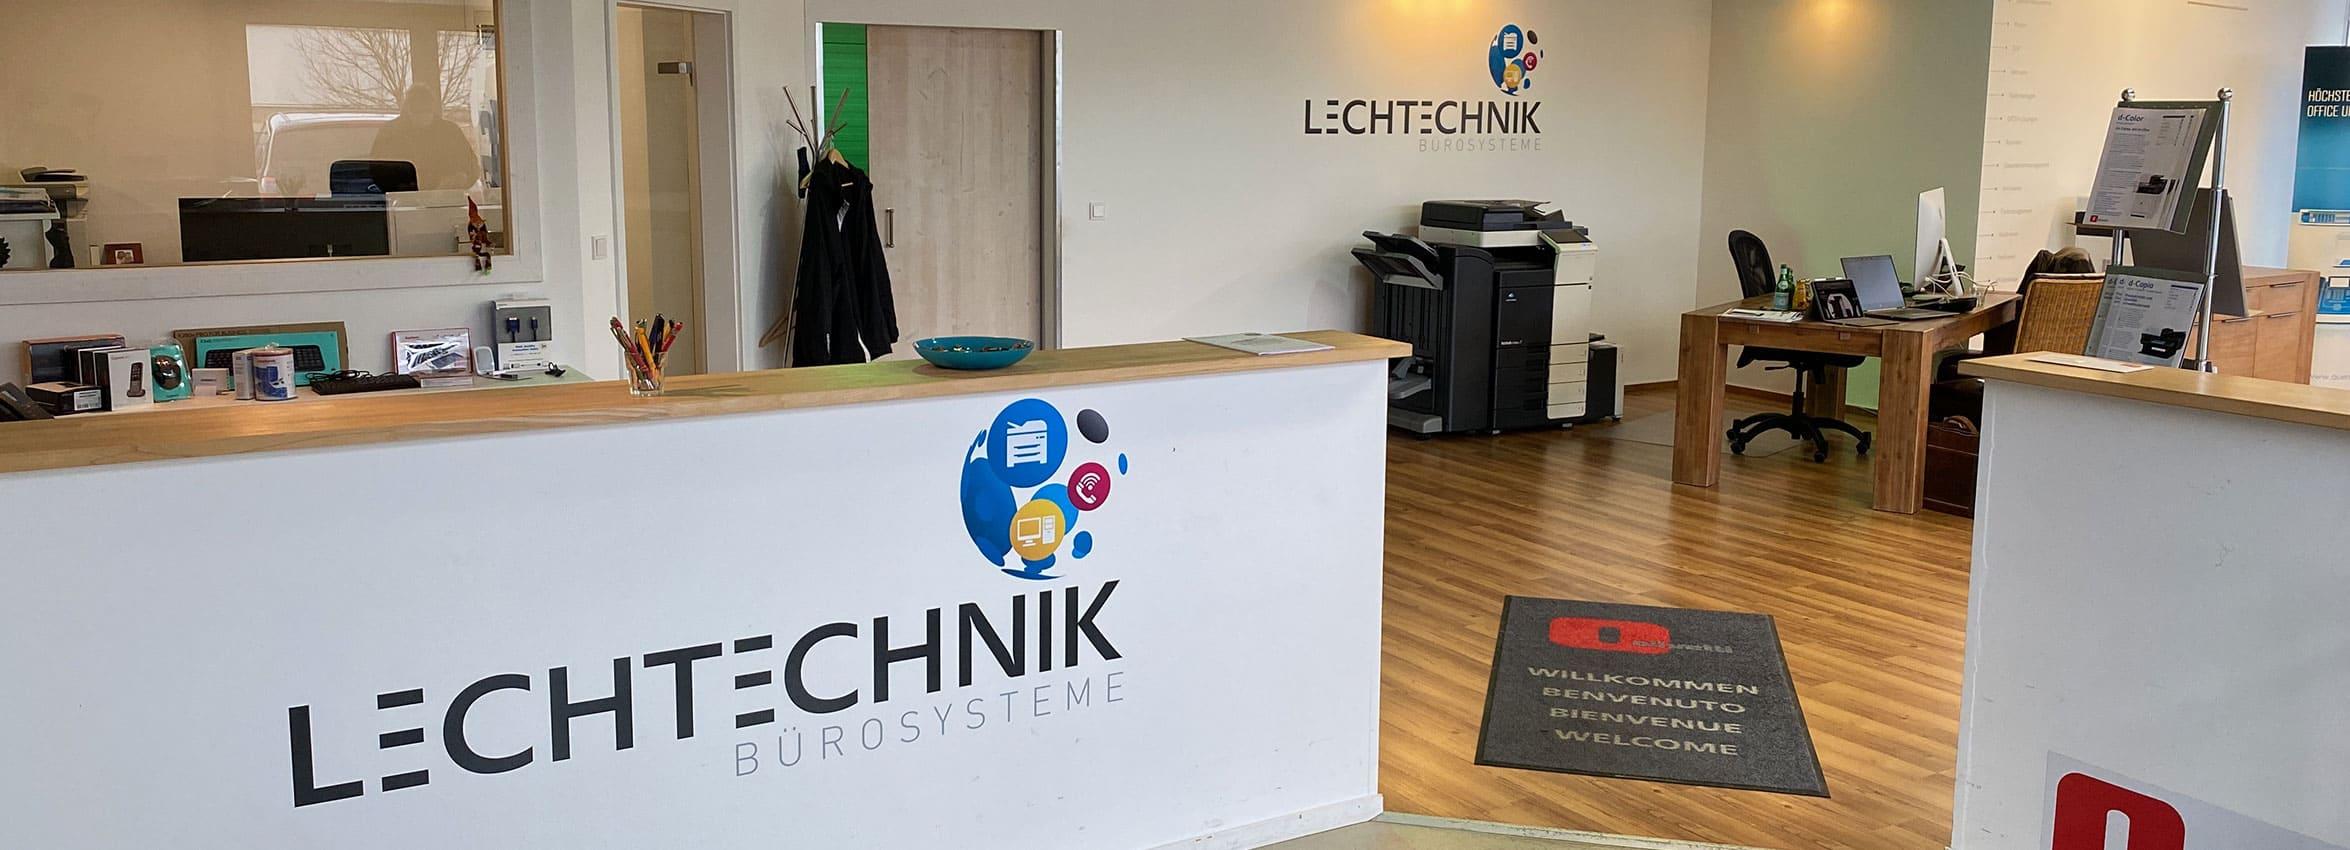 Lechtechnik Bürosysteme